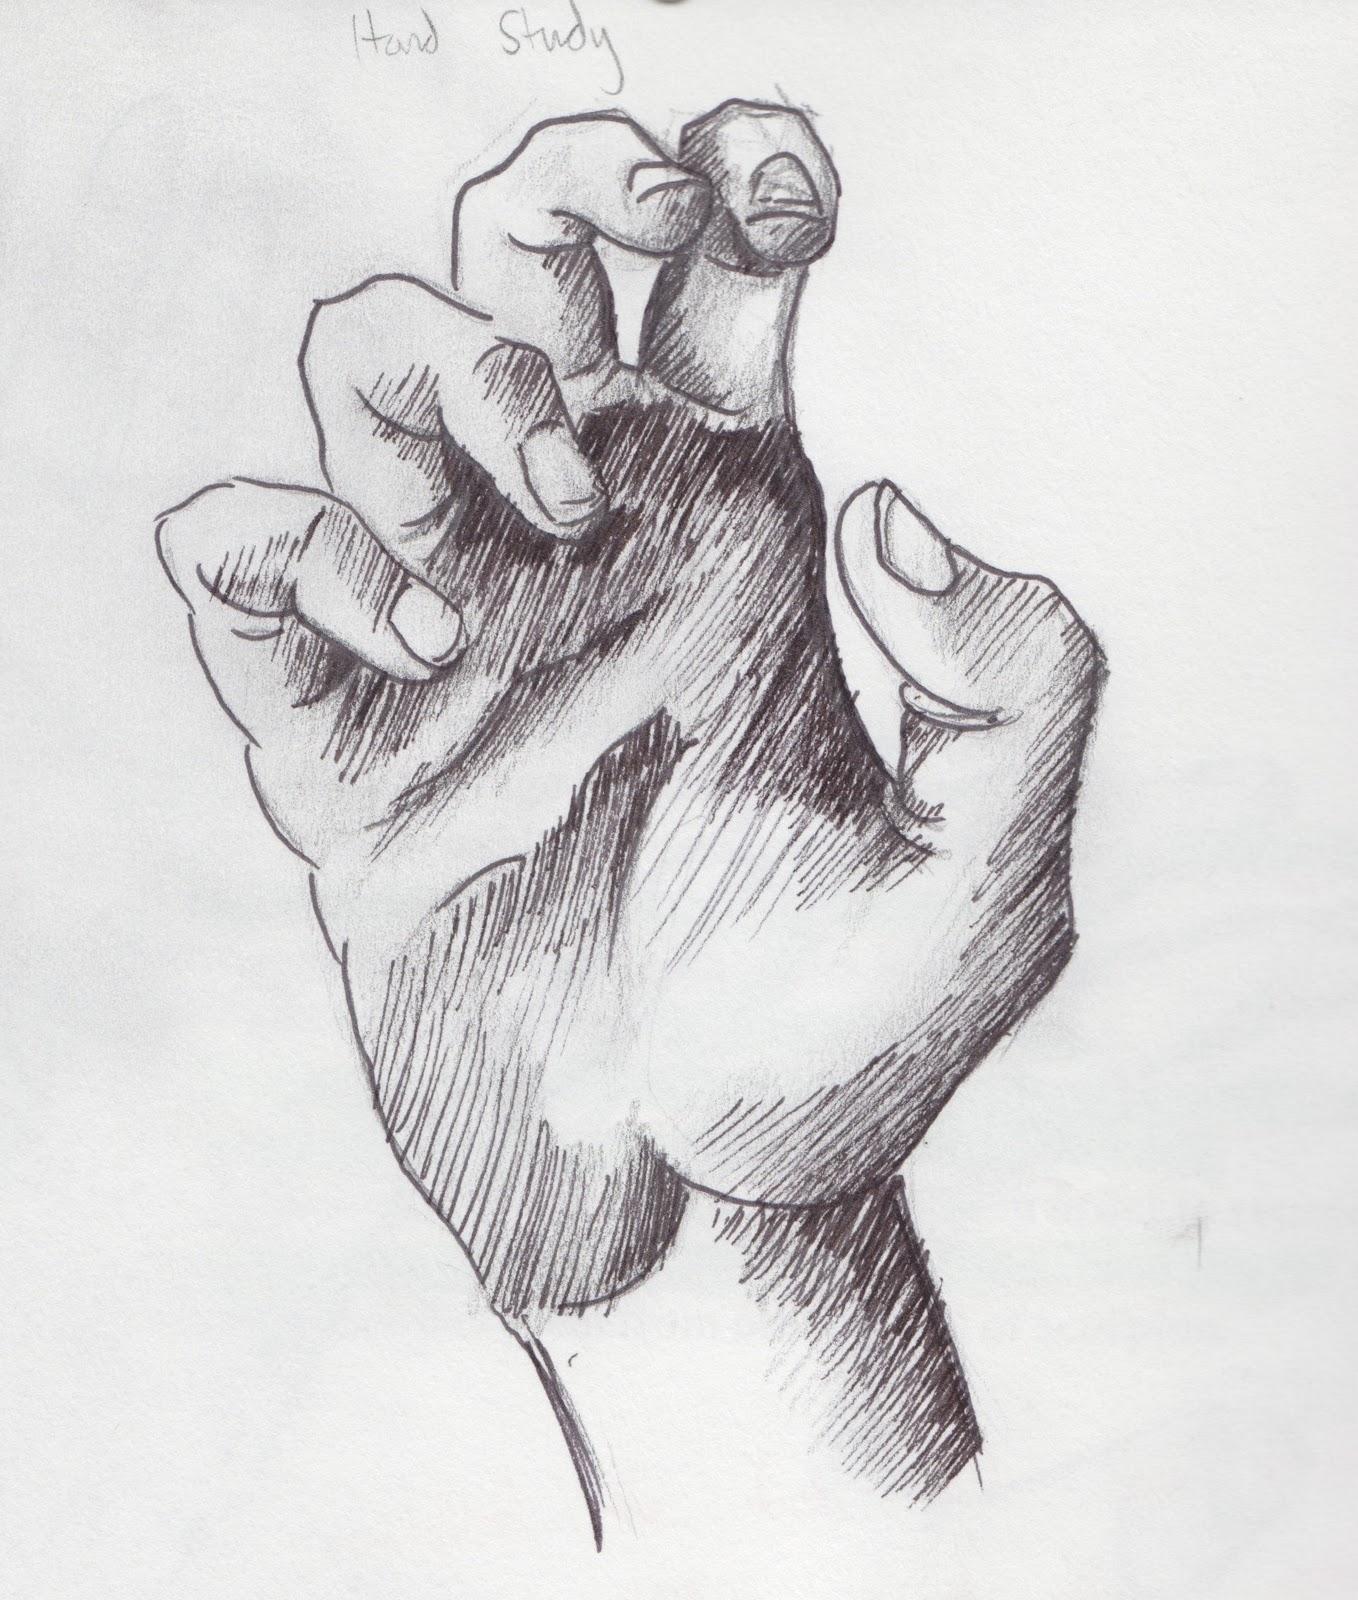 creative hand drawings - HD1358×1600